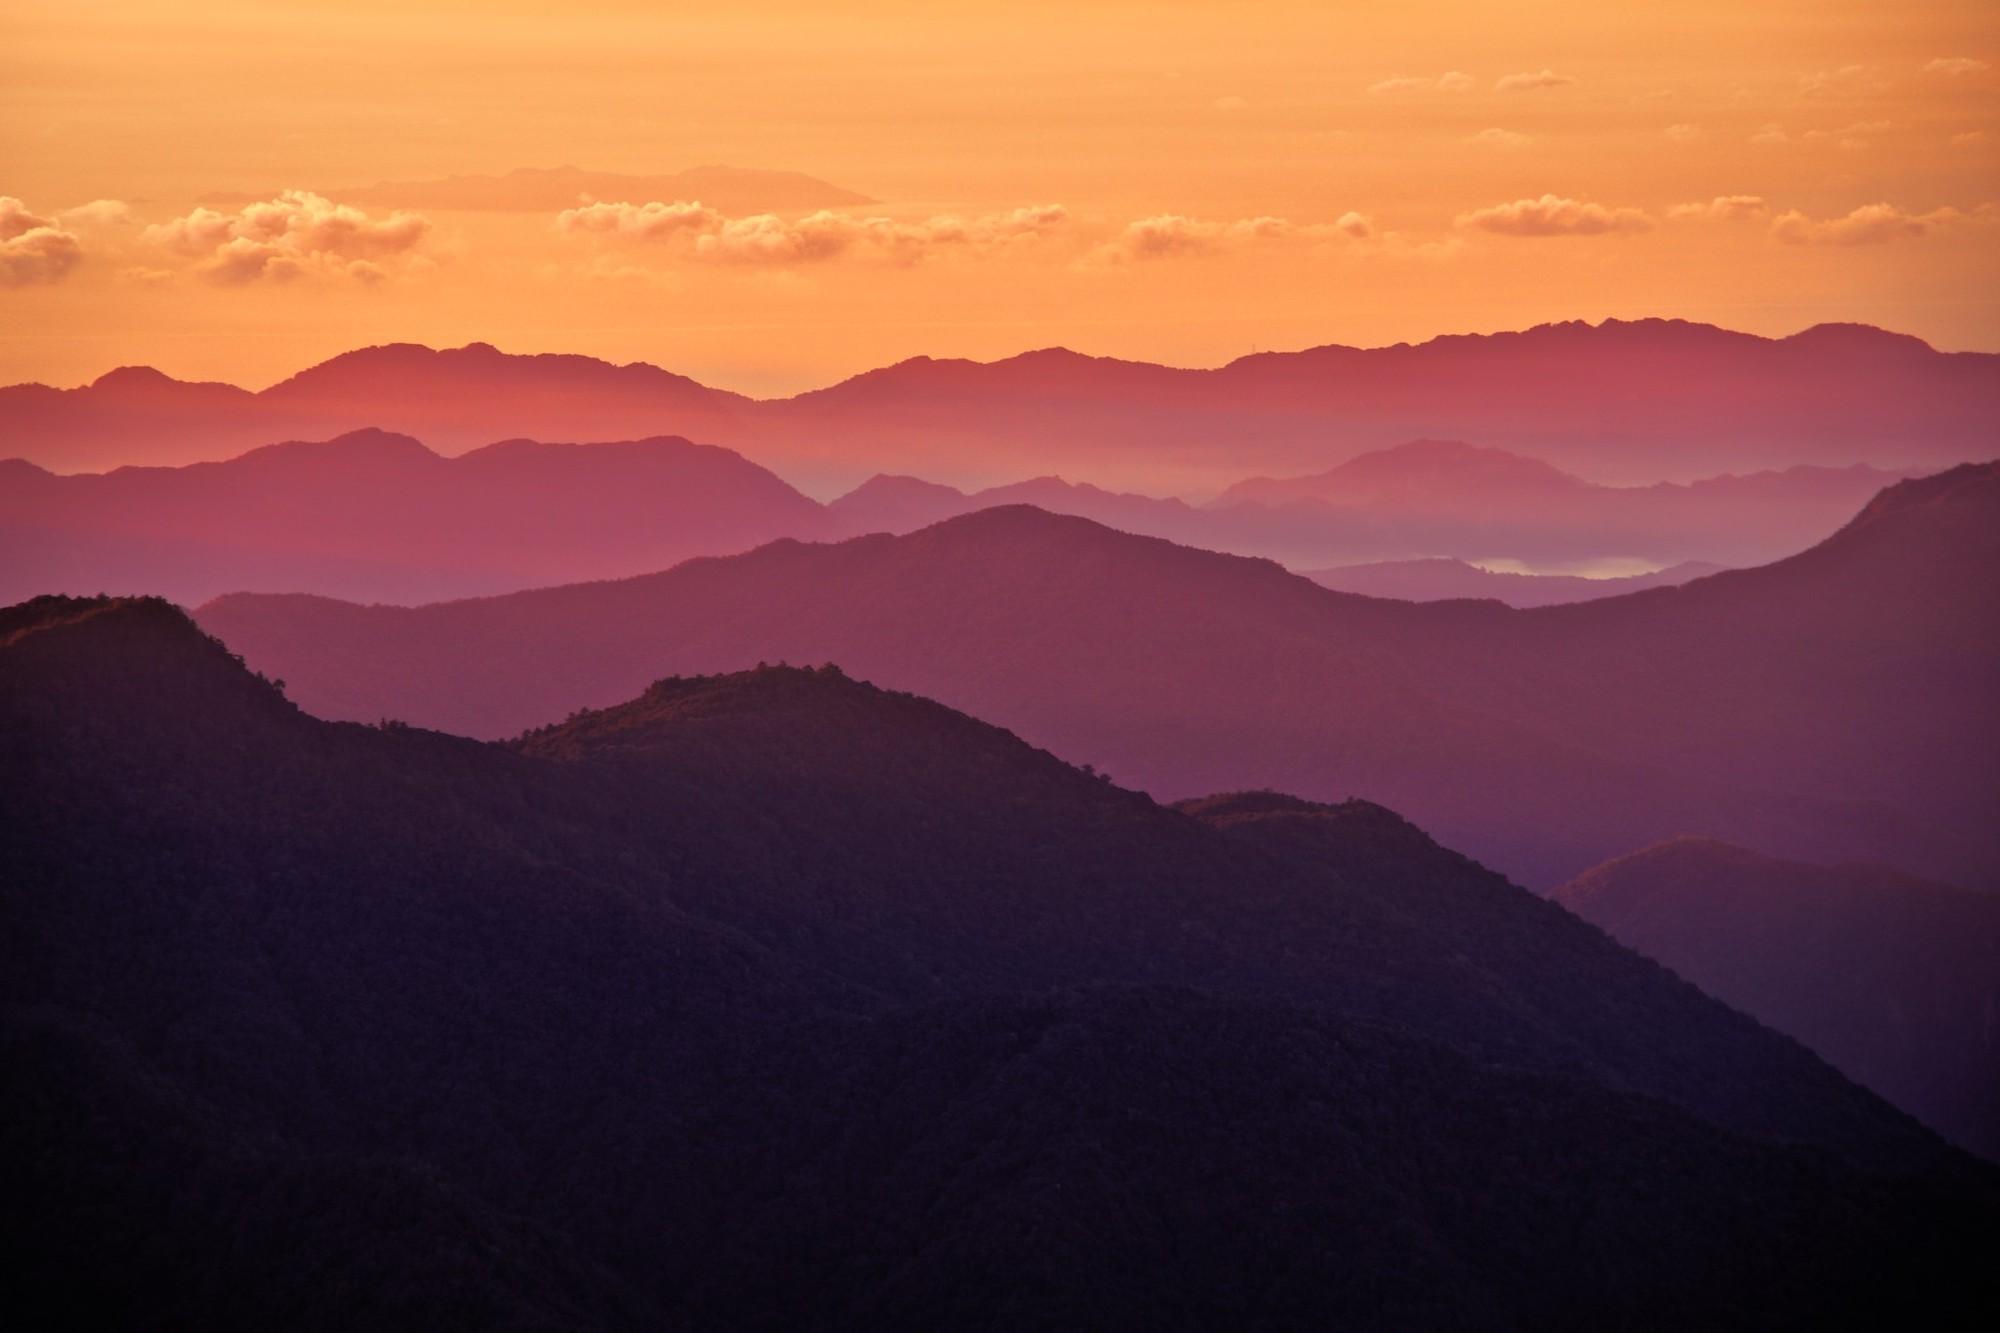 Ngắm nhìn 16 khung cảnh bình minh tuyệt đẹp trên khắp thế gian - Ảnh 23.